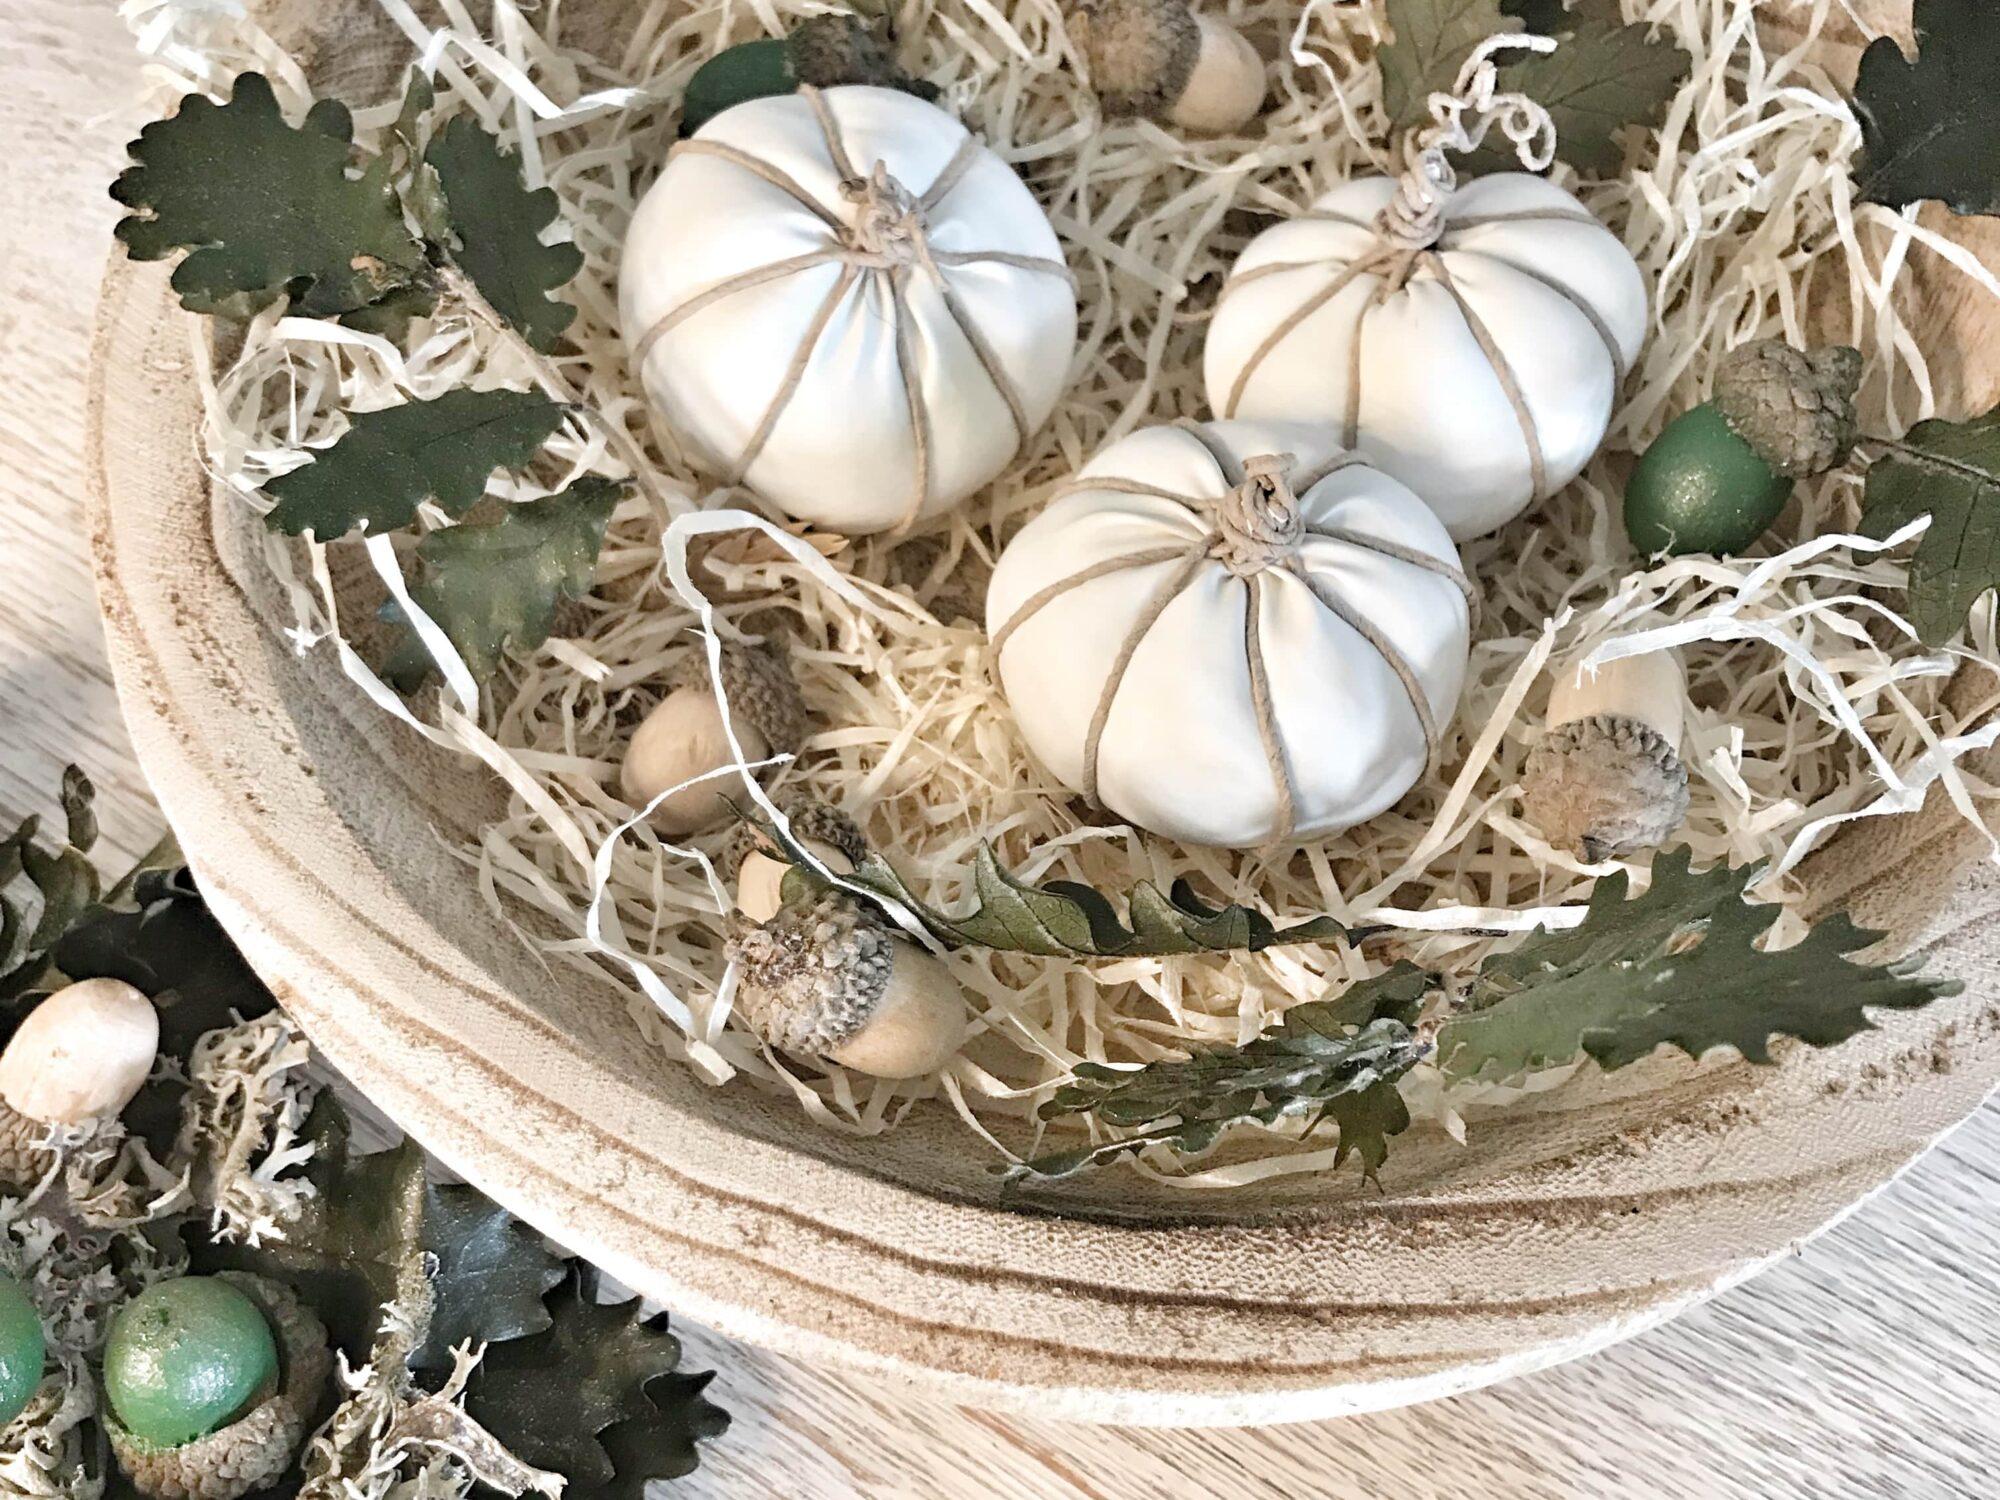 DIY Kürbis Deko: Weiße mini Baby Boos in 5 Min. basteln. #chalet8 #Babboo #Kürbisdeko #weißerkürbis #herbstdeko #herbstbasteln